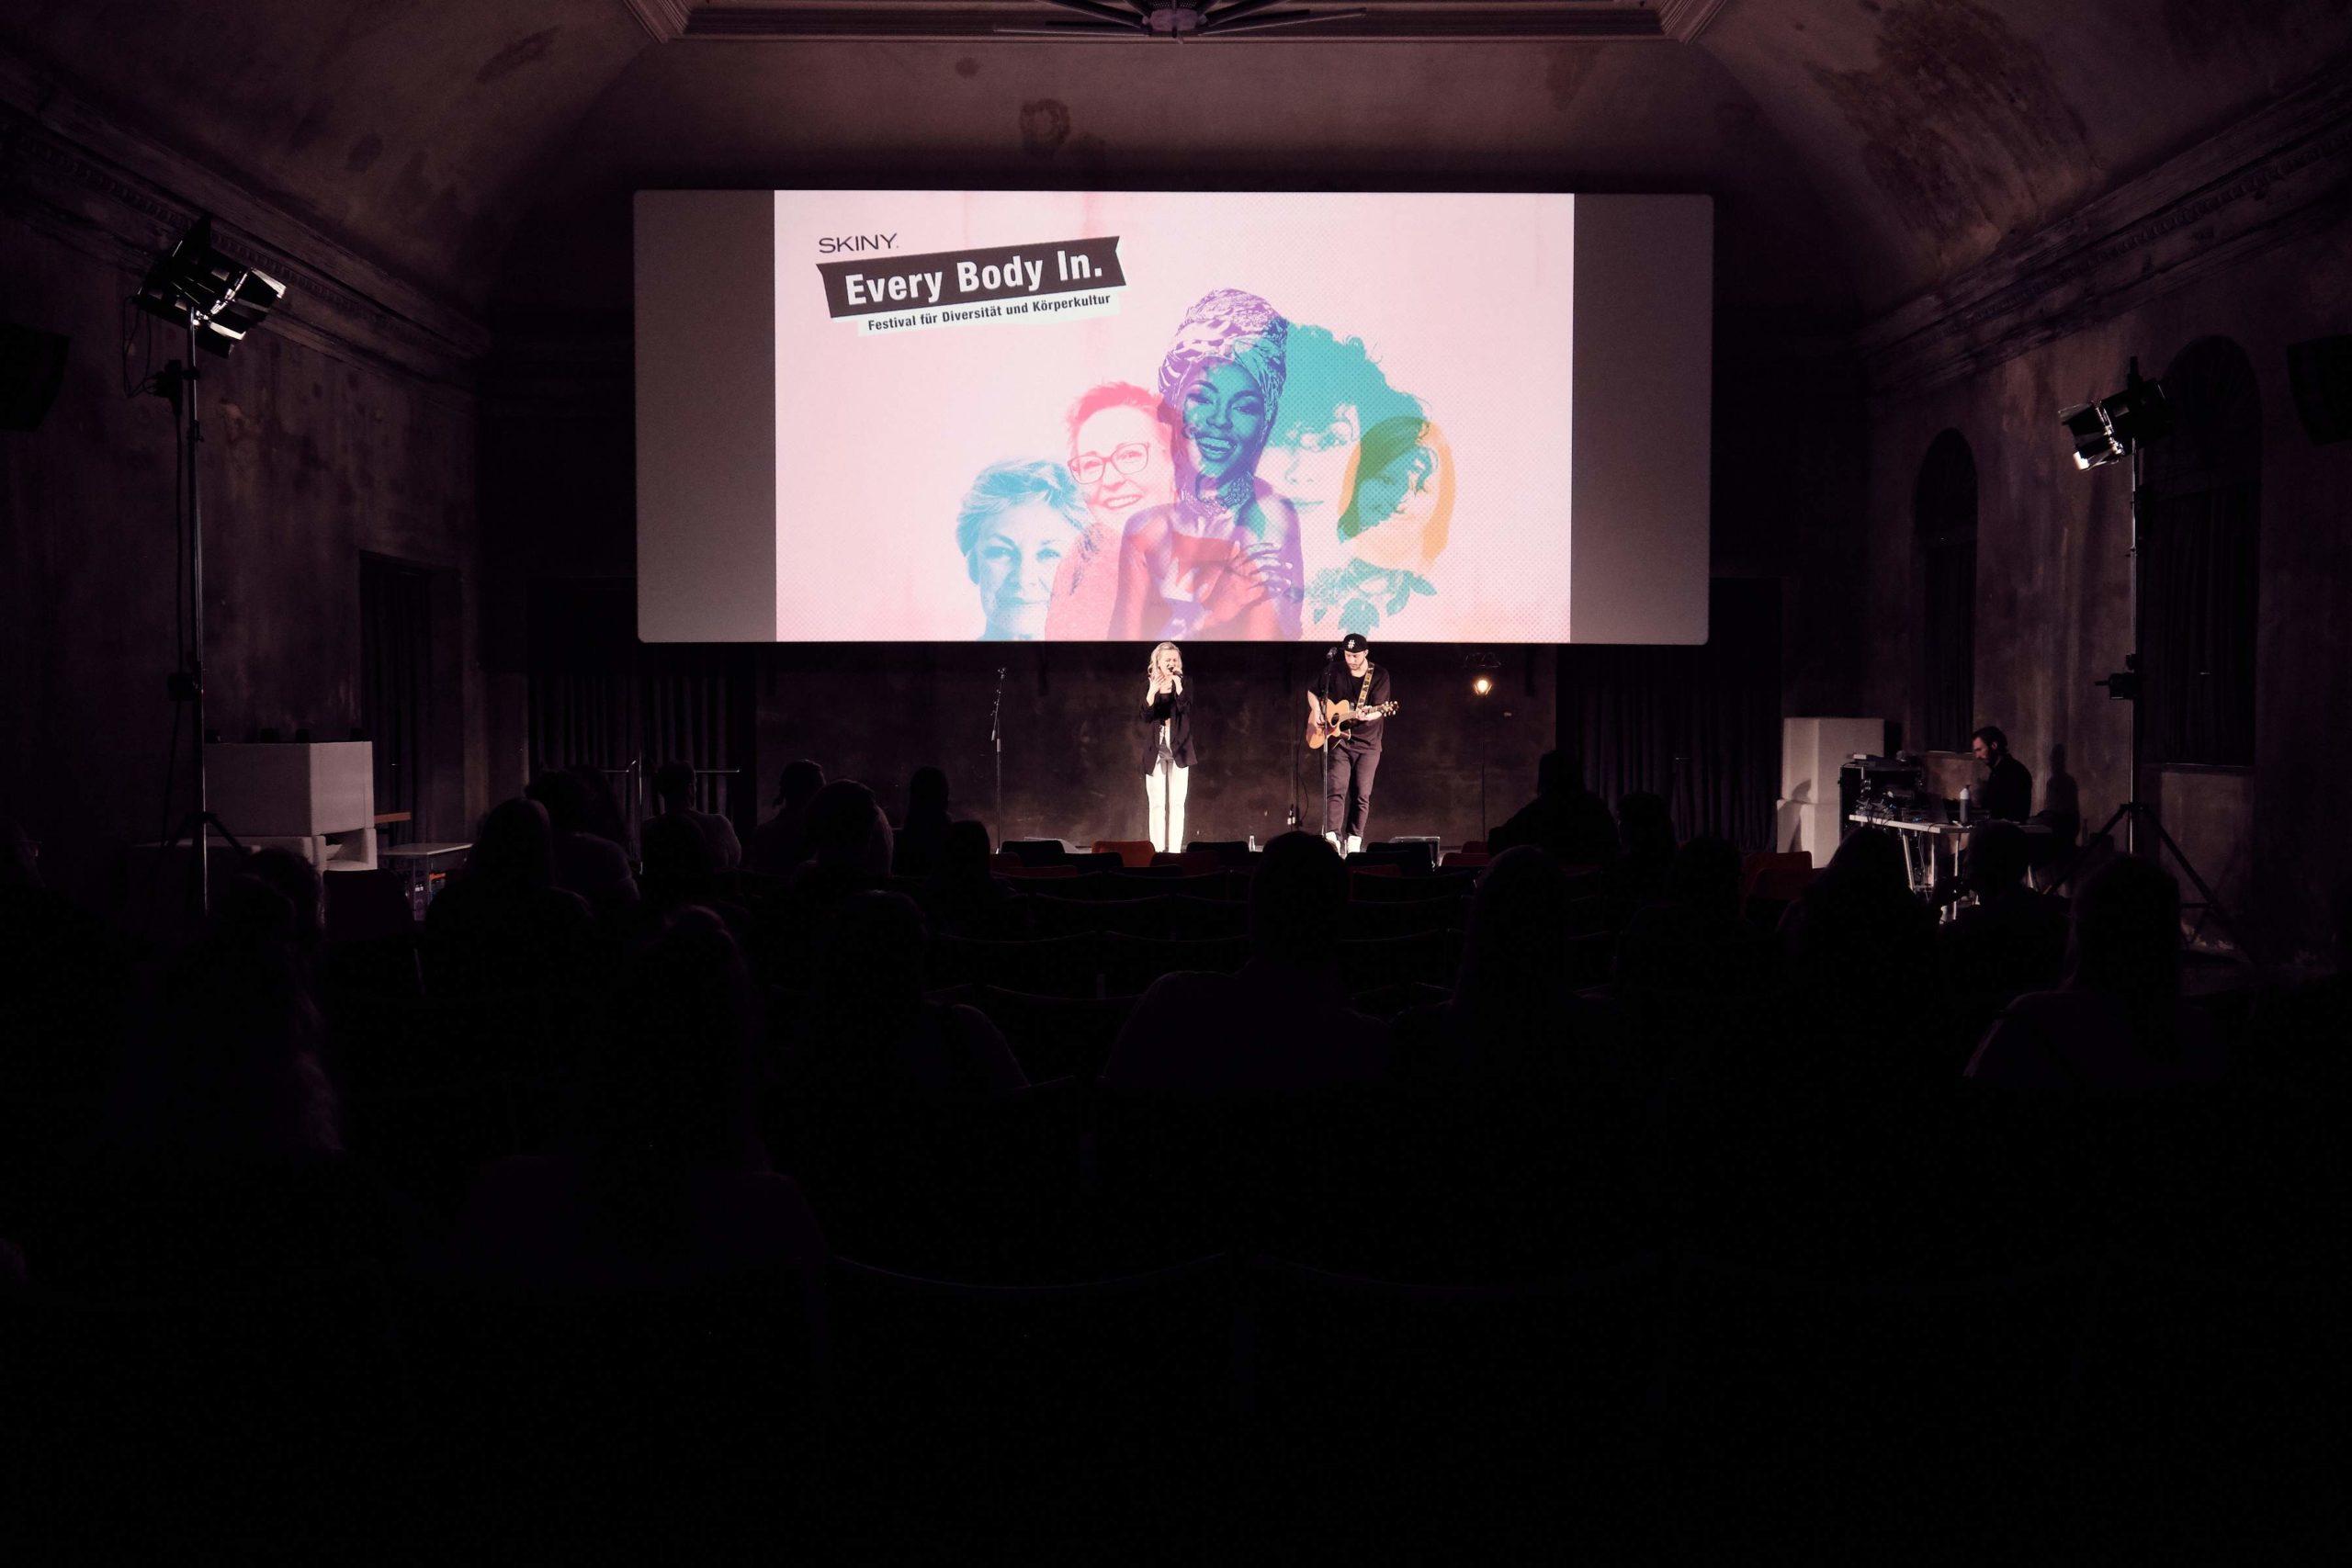 Auf dem Bild sieht man LISA PAC und einen Gitarristen auf der Bühne beim Musizieren.